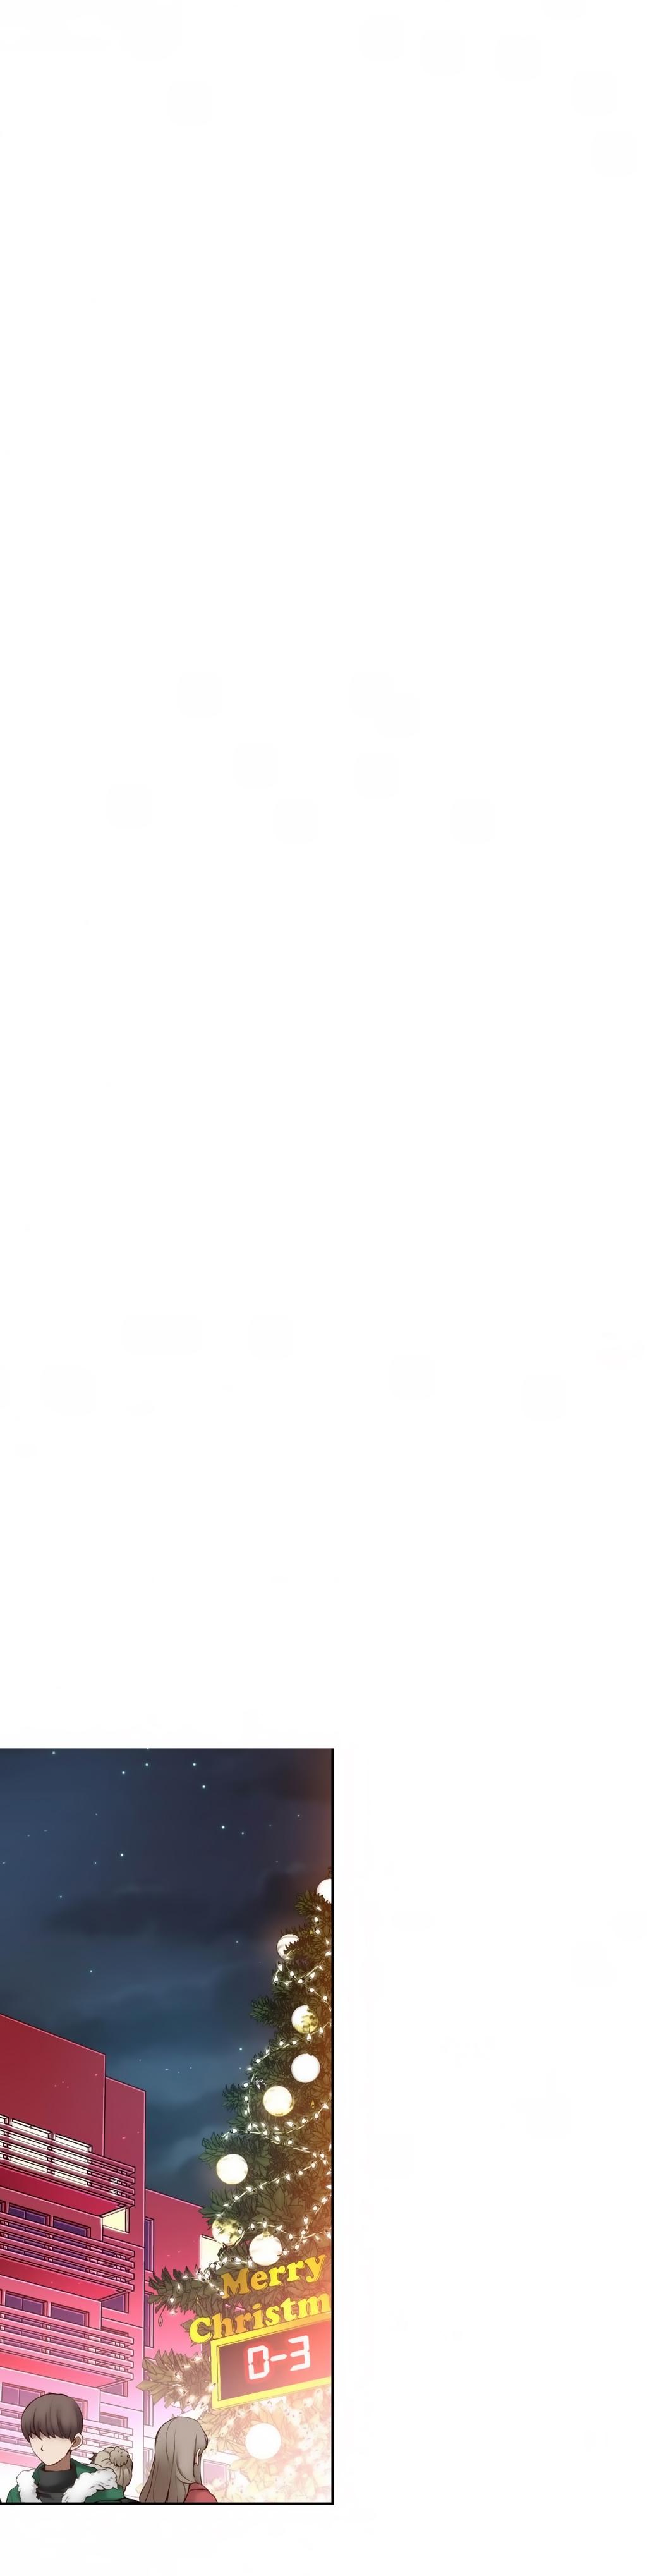 Hình ảnh h011 in [Siêu phẩm Hentai] Little Girl Full